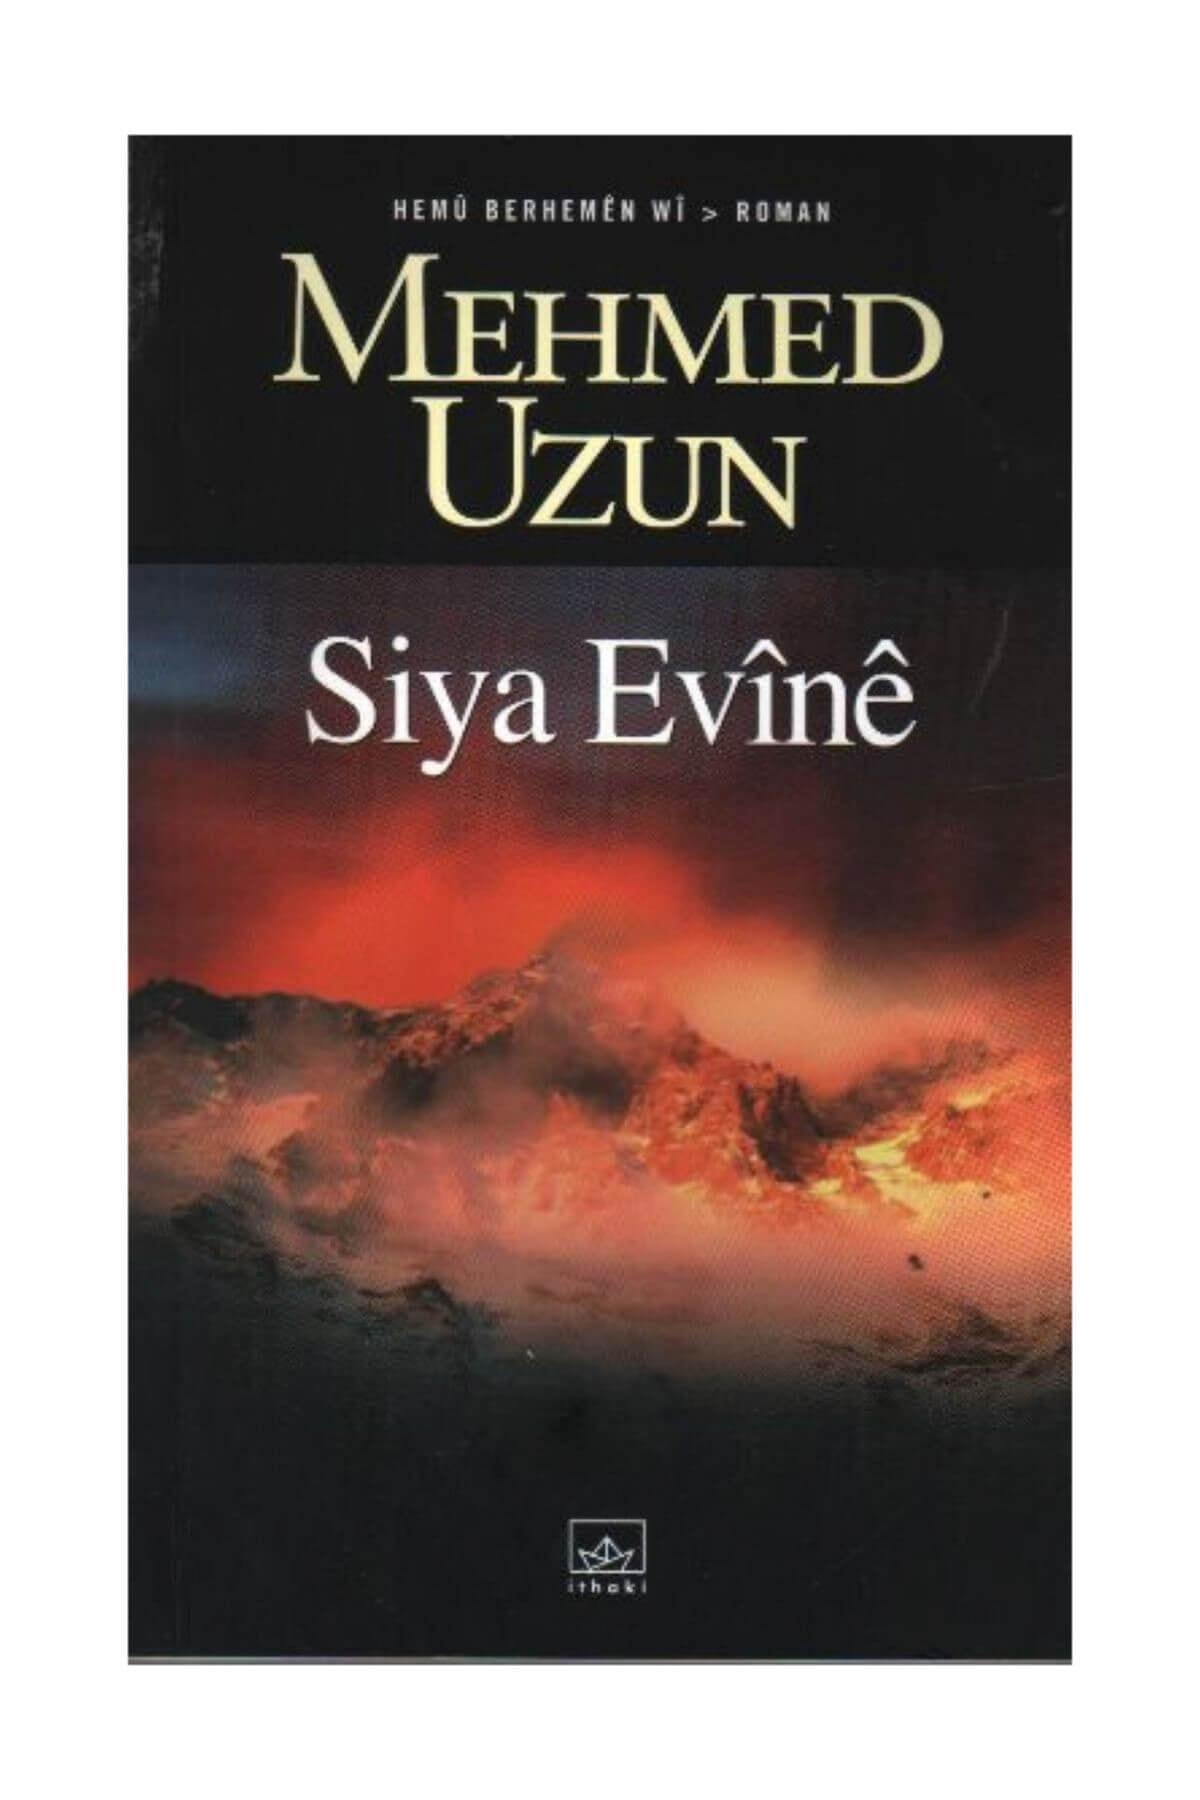 İthaki Yayınları Siya Evine - Mehmed Uzun 1